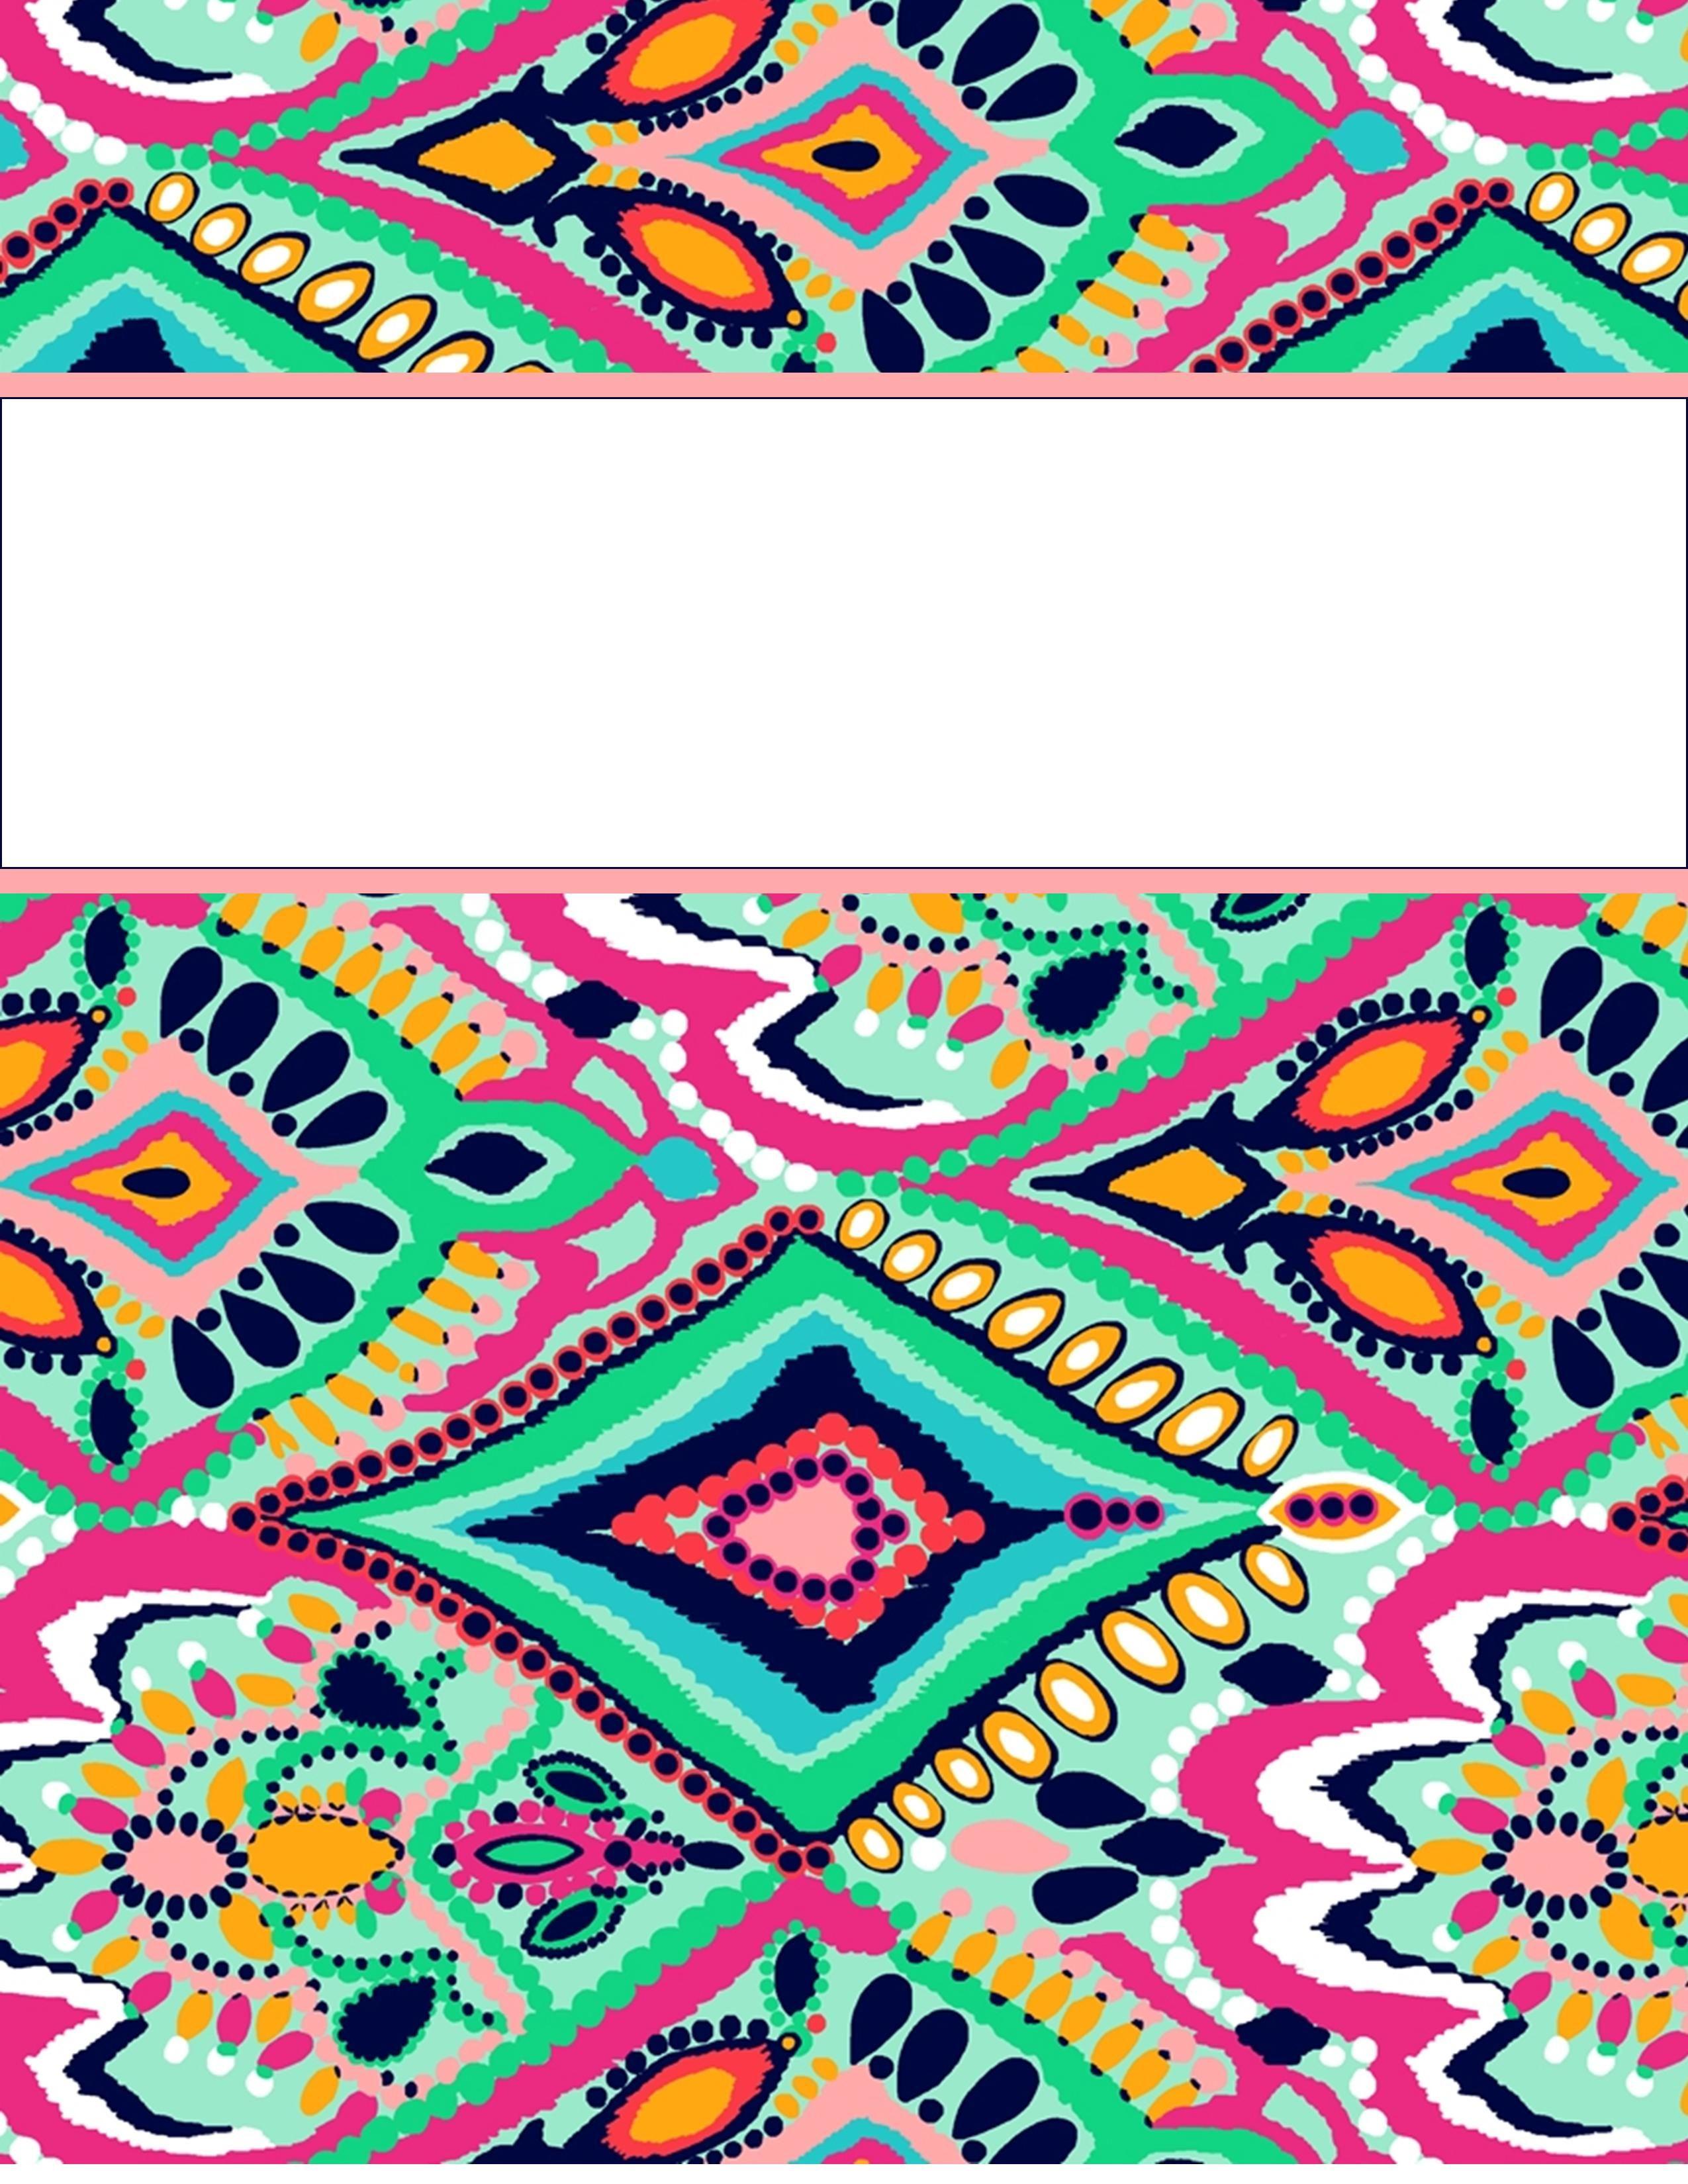 My Cute Binder Covers   Nursing School   Pinterest   Cute Binder - Free Printable Binder Cover Templates